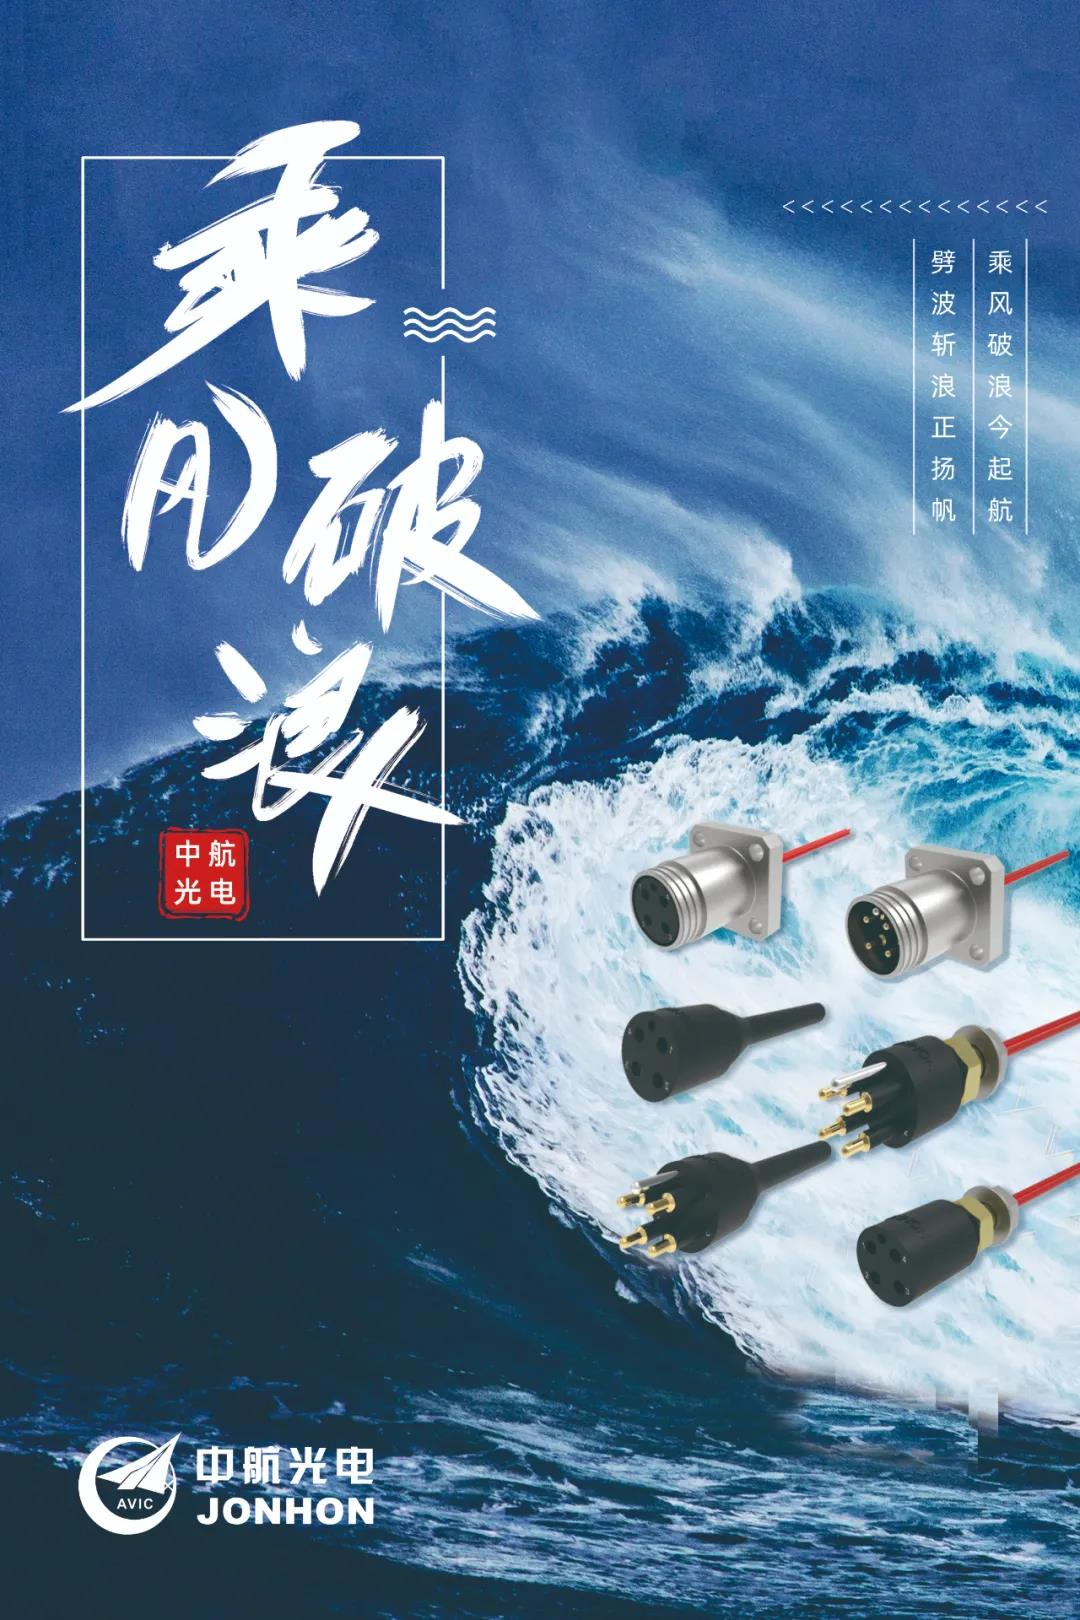 中航光电发布新品WMP系列水密连接器,助你乘风破浪!